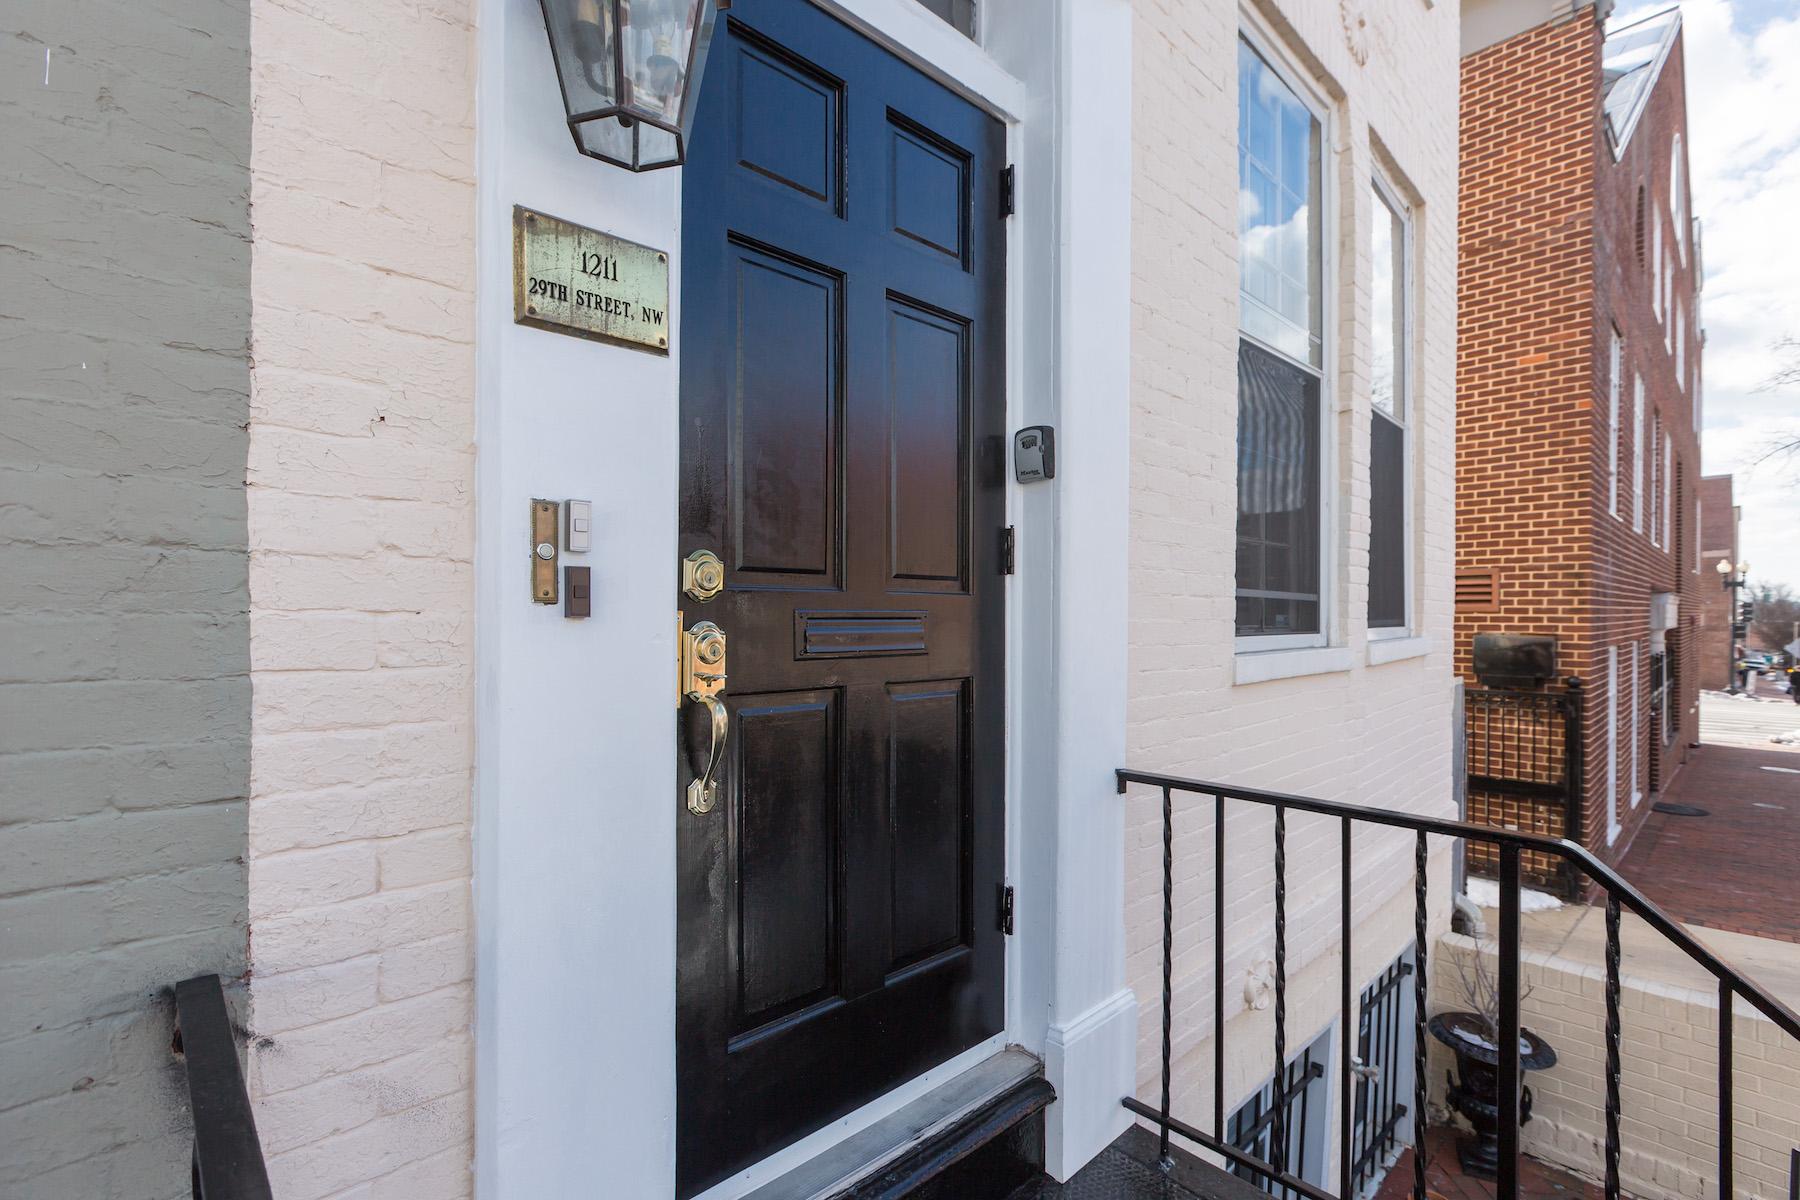 Nhà ở nhiều gia đình vì Bán tại Georgetown 1211 29th St Georgetown, Washington, District Of Columbia, 20007 Hoa Kỳ